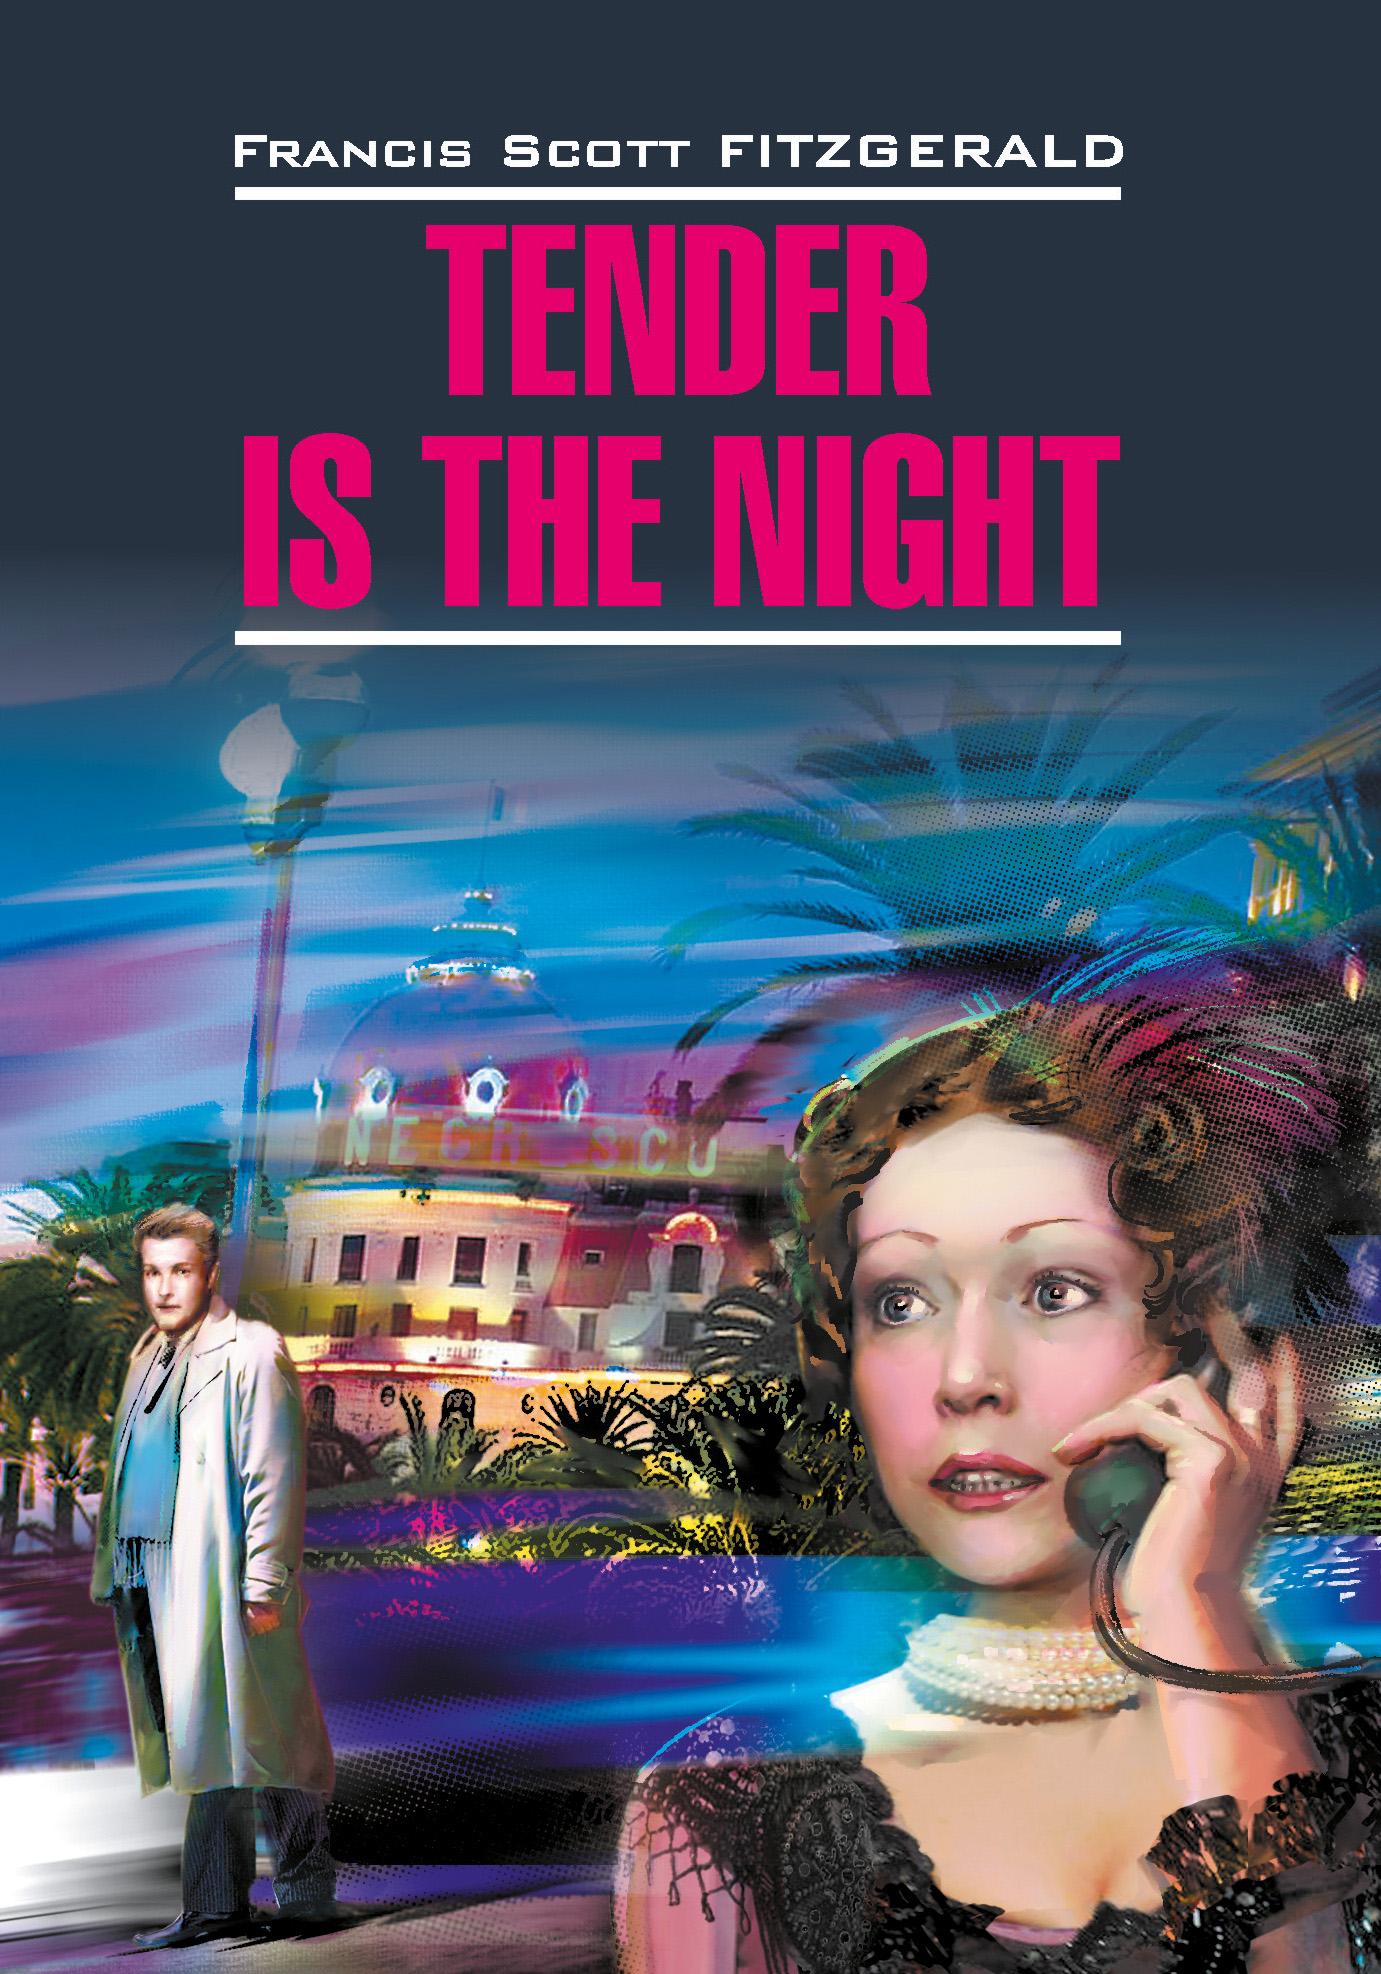 цена на Фрэнсис Скотт Фицджеральд Tender is the night / Ночь нежна. Книга для чтения на английском языке